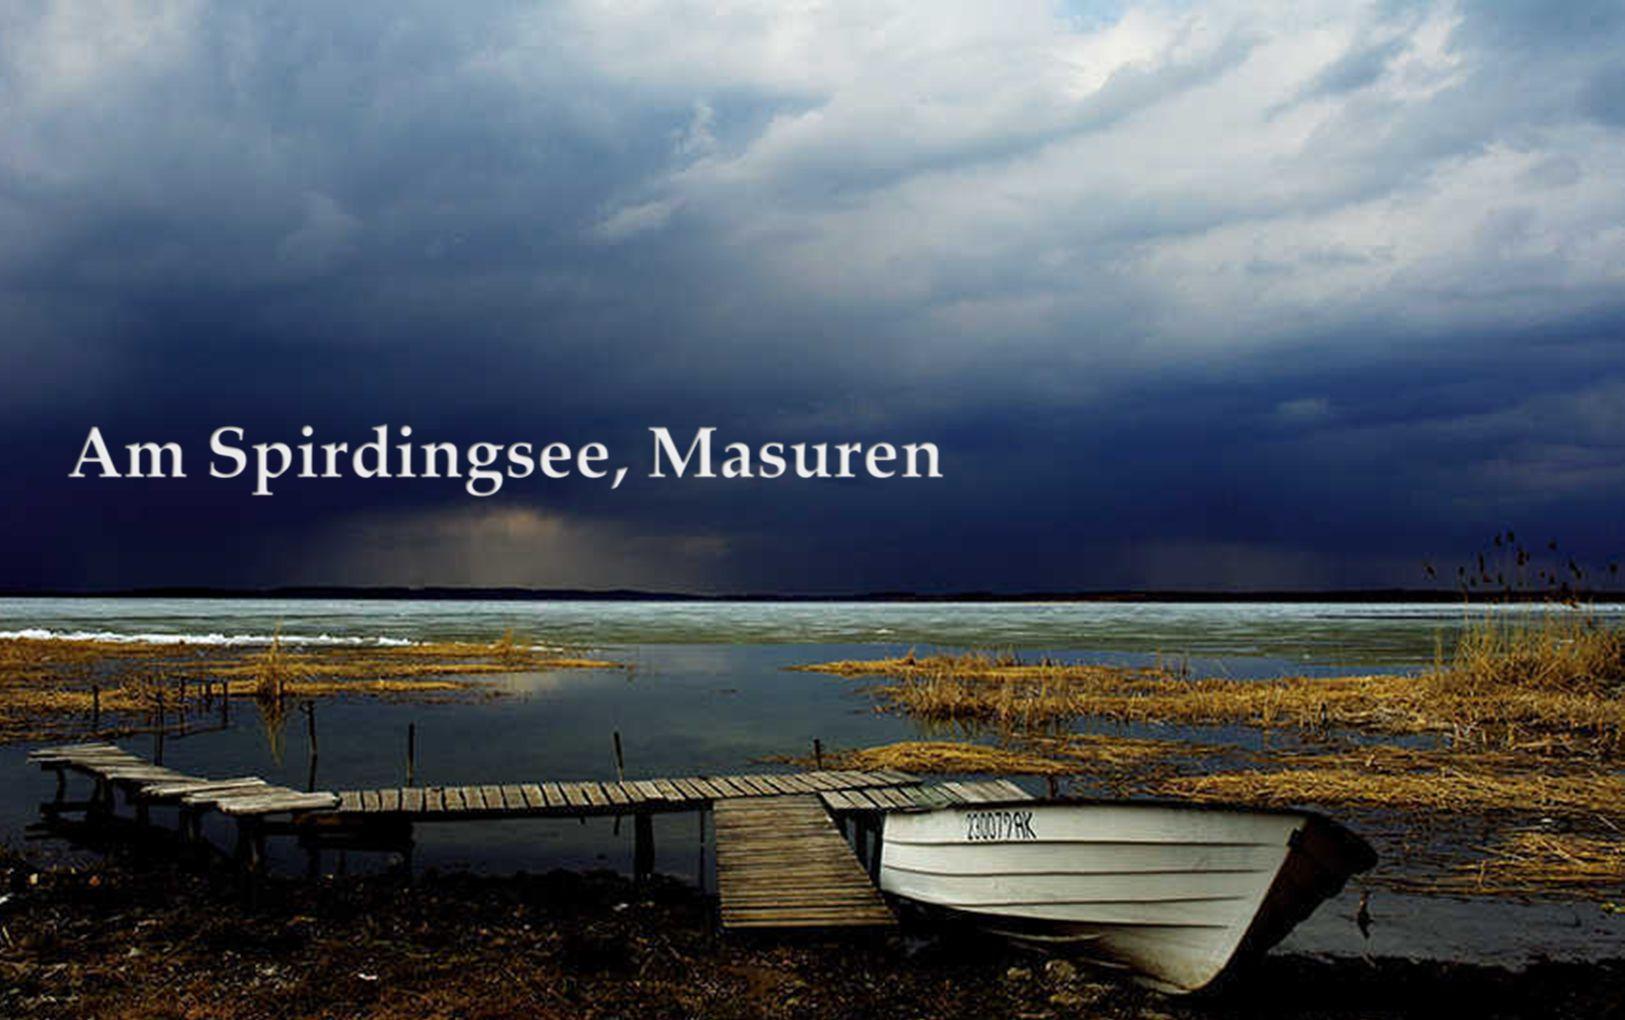 Der Spirdingsee ist mit 114 km² Fläche der größte See Polens und war bis 1945 der größte vollständig in Deutschland gelegene See (der größte heute vollständig in Deutschland gelegene See, die Müritz, ist 112,6 km² groß). Der Spirdingsee gehört zur Masurischen Seenplatte und ist 22,1 km lang und 13,4 km breit. Der nächstgrößere masurische See, der Mauersee, ist 104 km² groß.